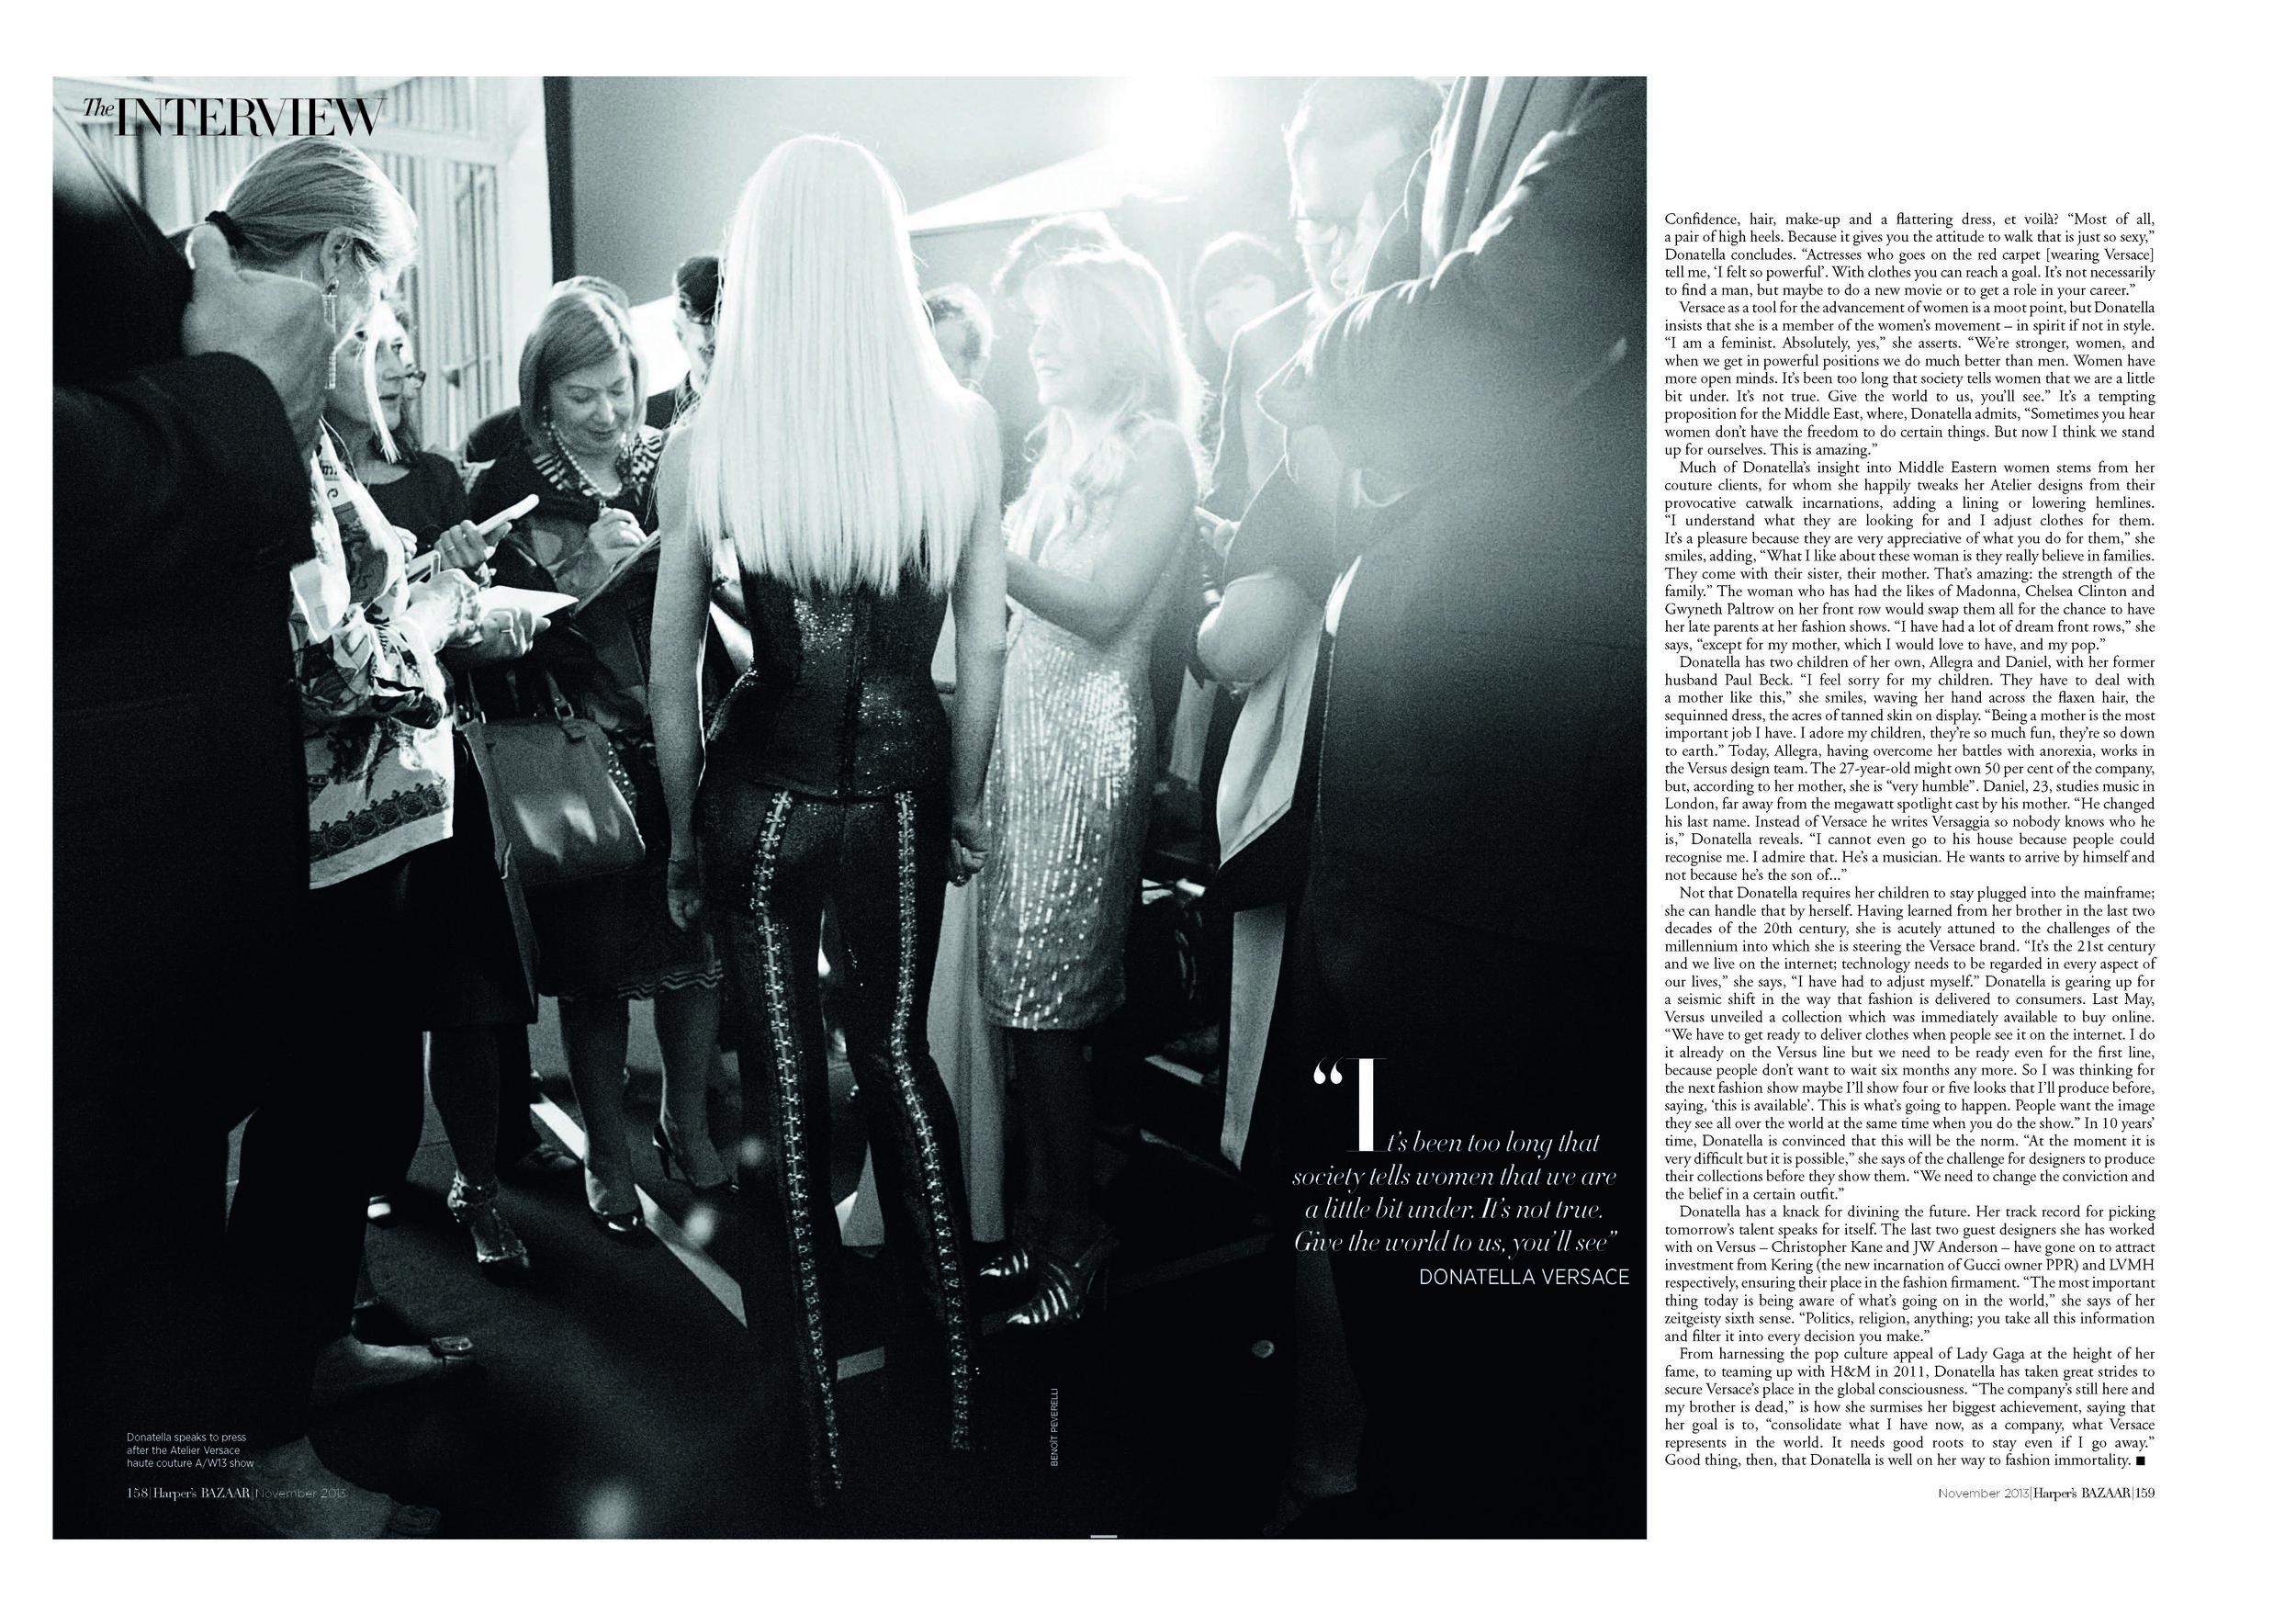 Donatella Versace 2013 3.jpg